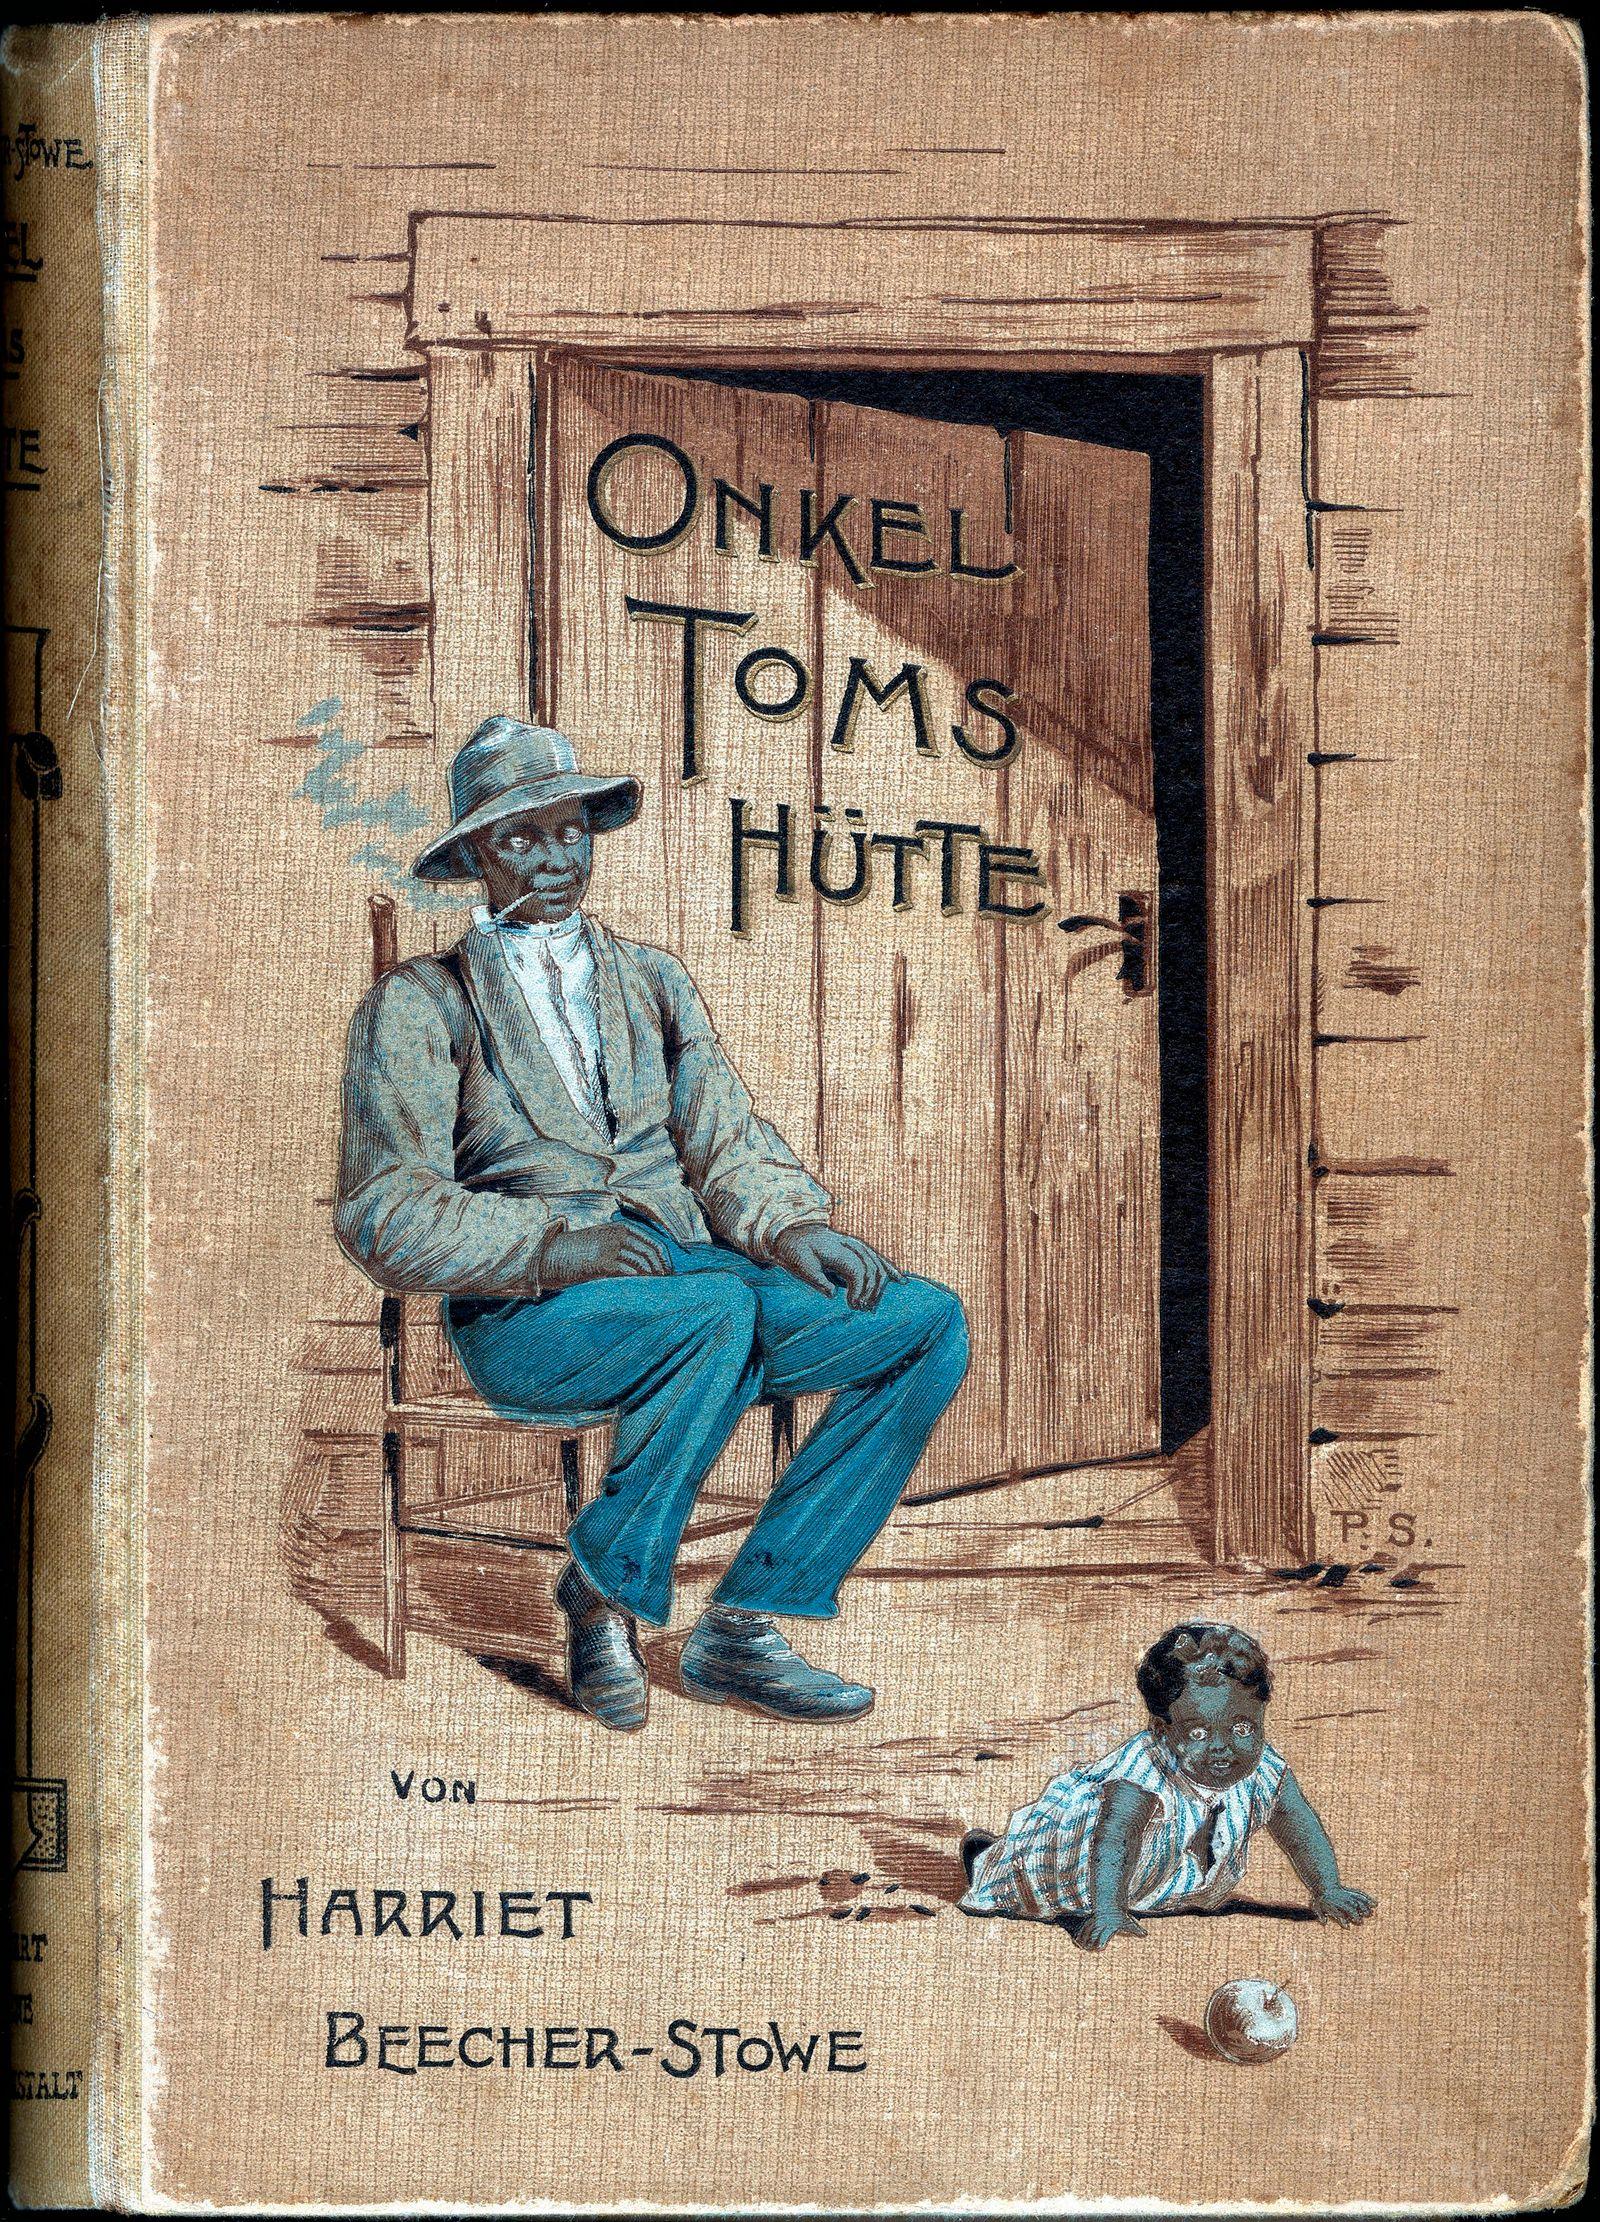 Harriet BEECHER-STOWE Oeuvres Onkel Toms Hutte (La case de l oncle Tom) de Harriet BEECHER-STOWE (1811-1896). Edition al